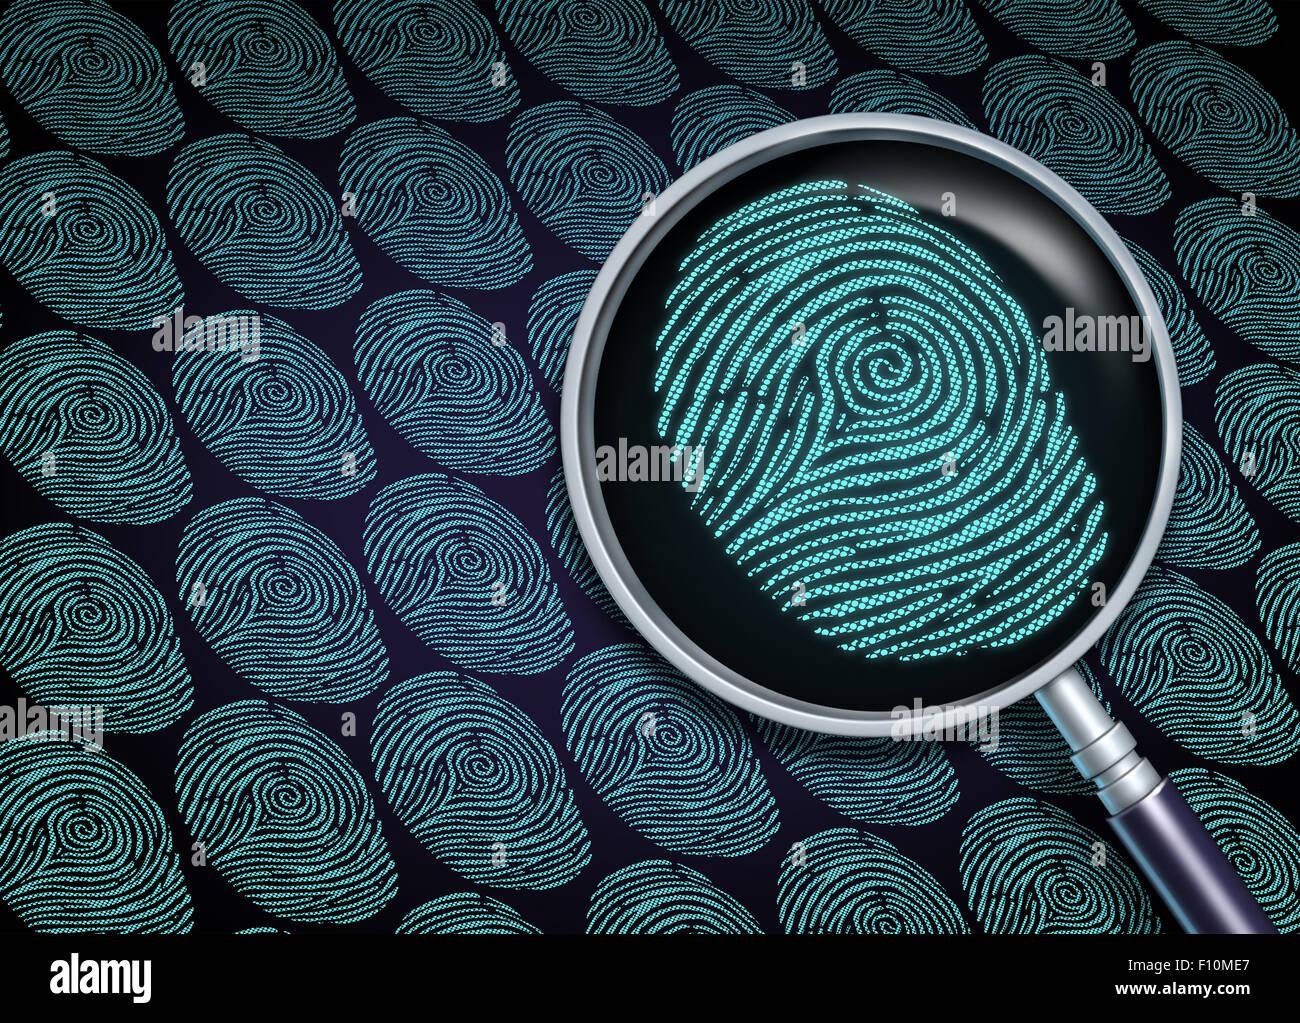 Concepto de búsqueda de identidad o el derecho de elegir el empleado como un símbolo de contratación Imagen De Stock